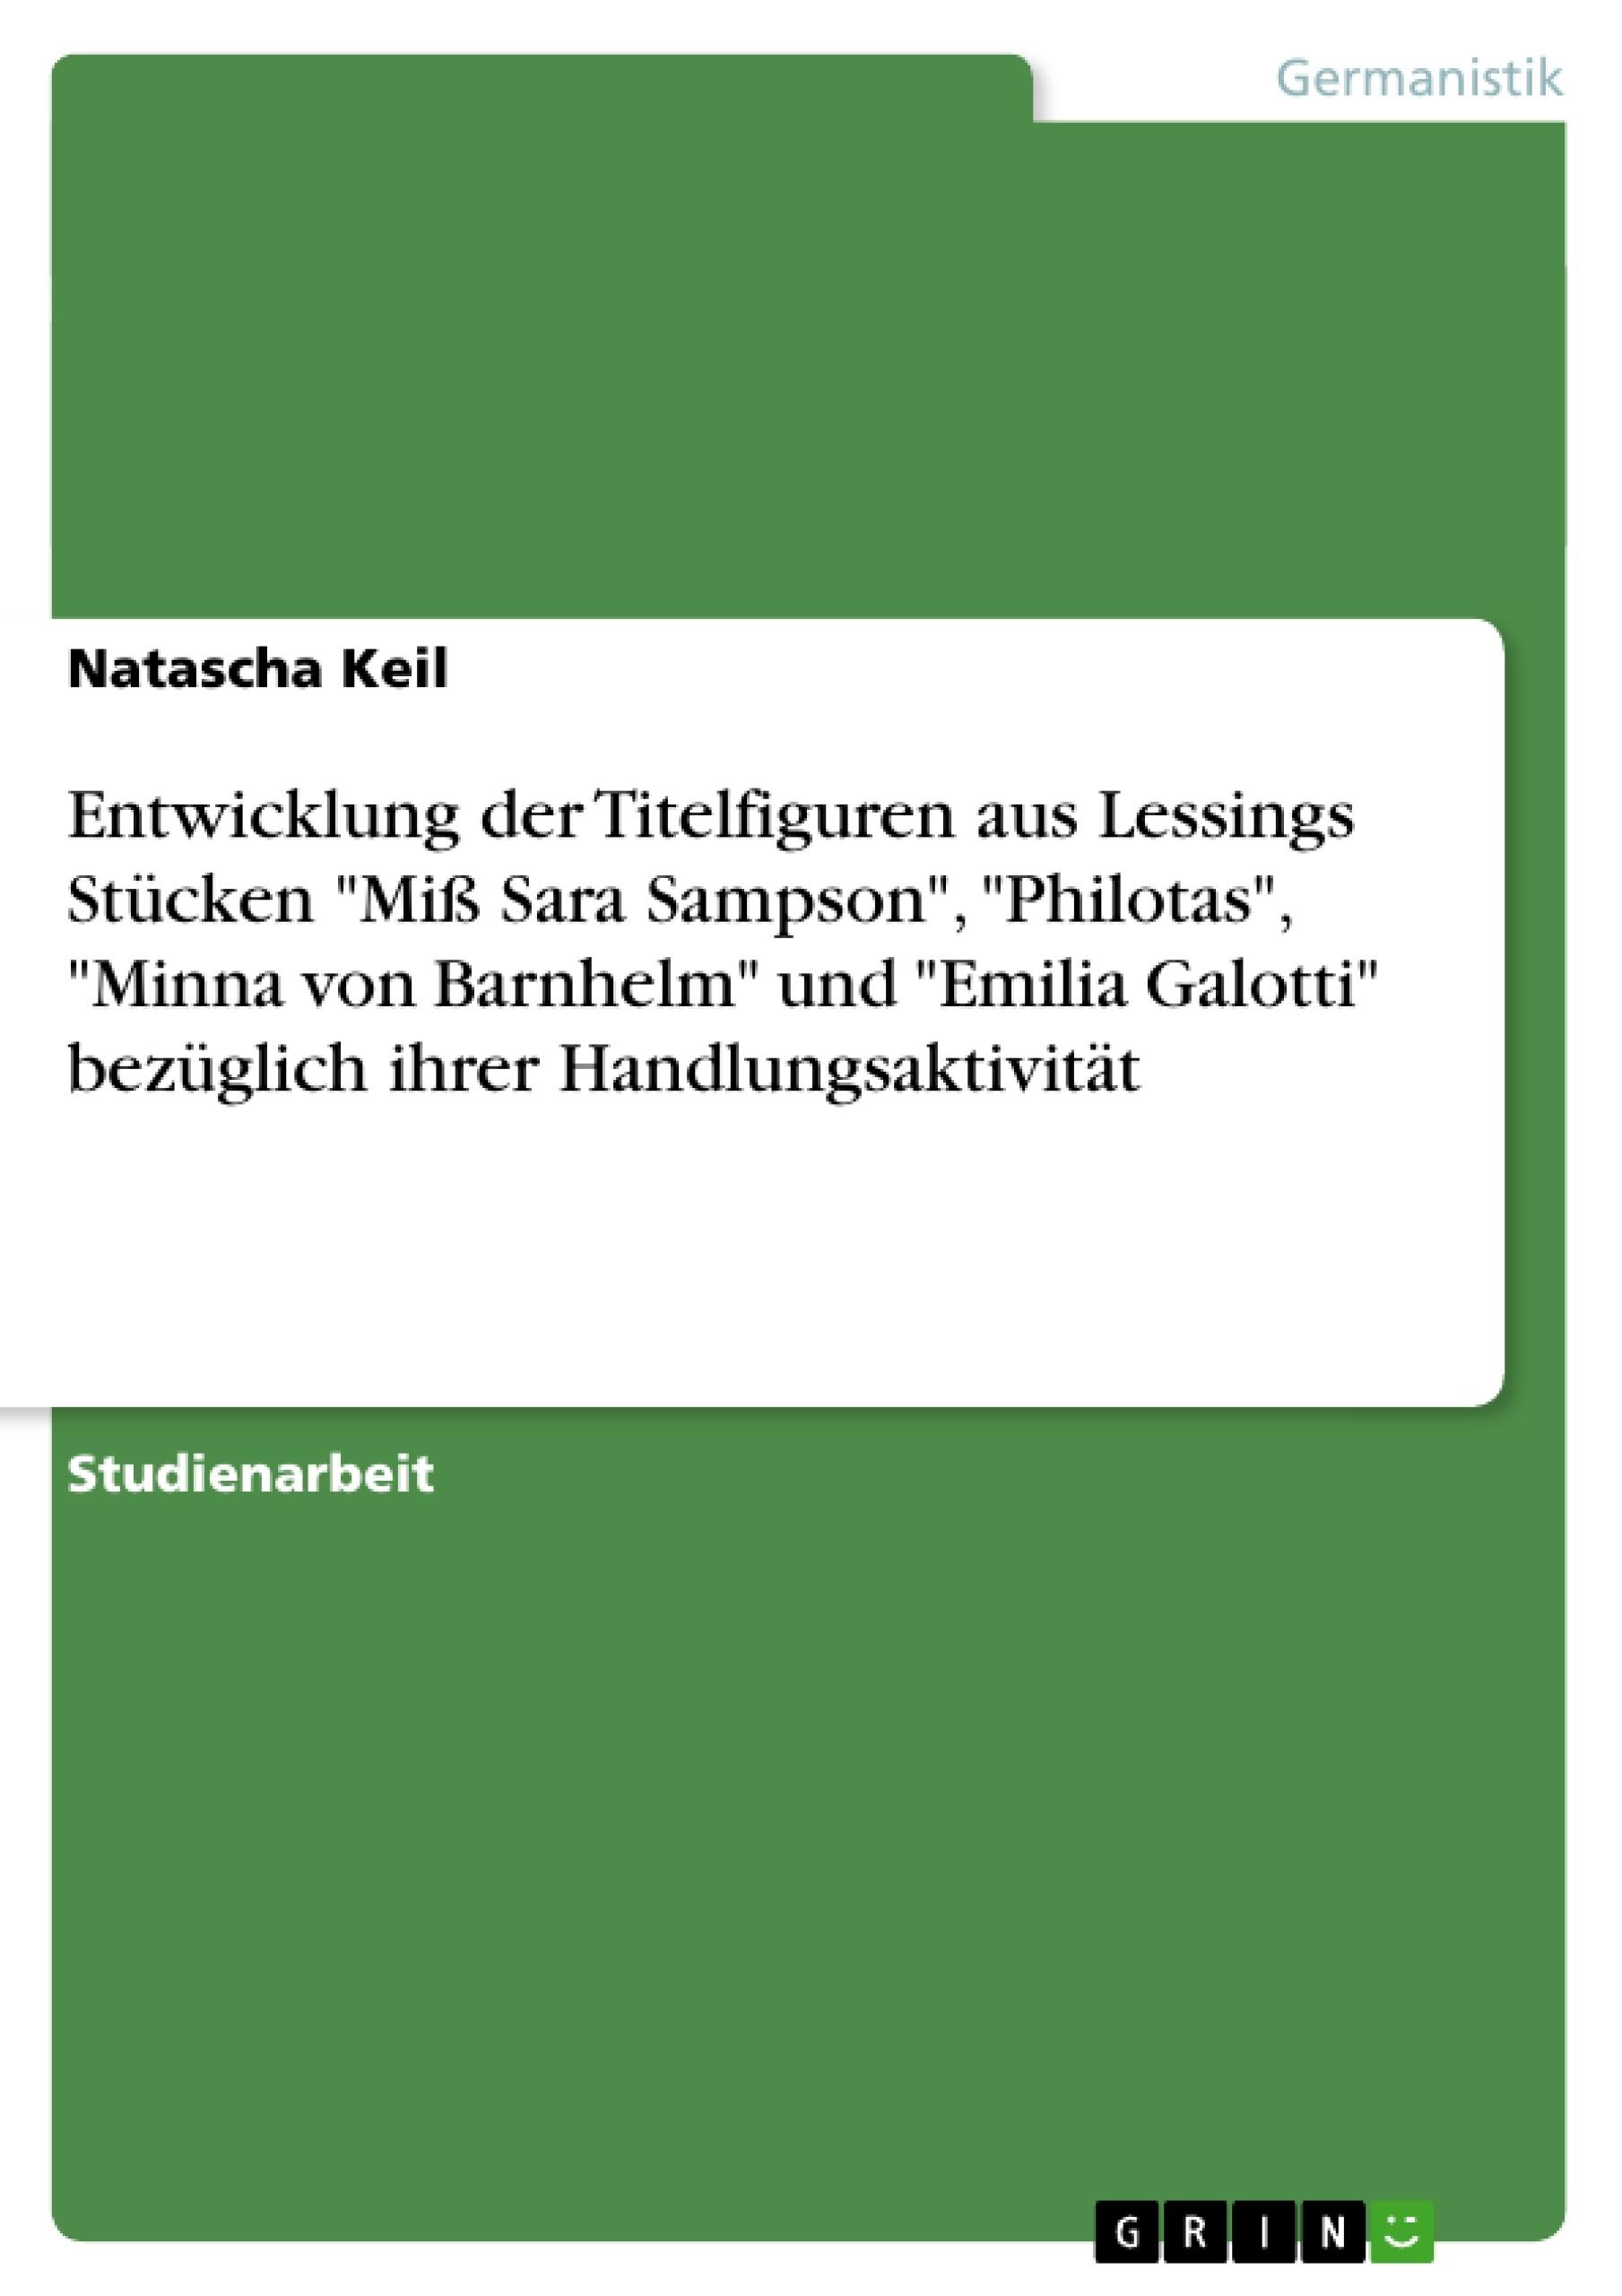 """Titel: Entwicklung der Titelfiguren aus Lessings Stücken """"Miß Sara Sampson"""", """"Philotas"""", """"Minna von Barnhelm"""" und """"Emilia Galotti"""" bezüglich ihrer Handlungsaktivität"""